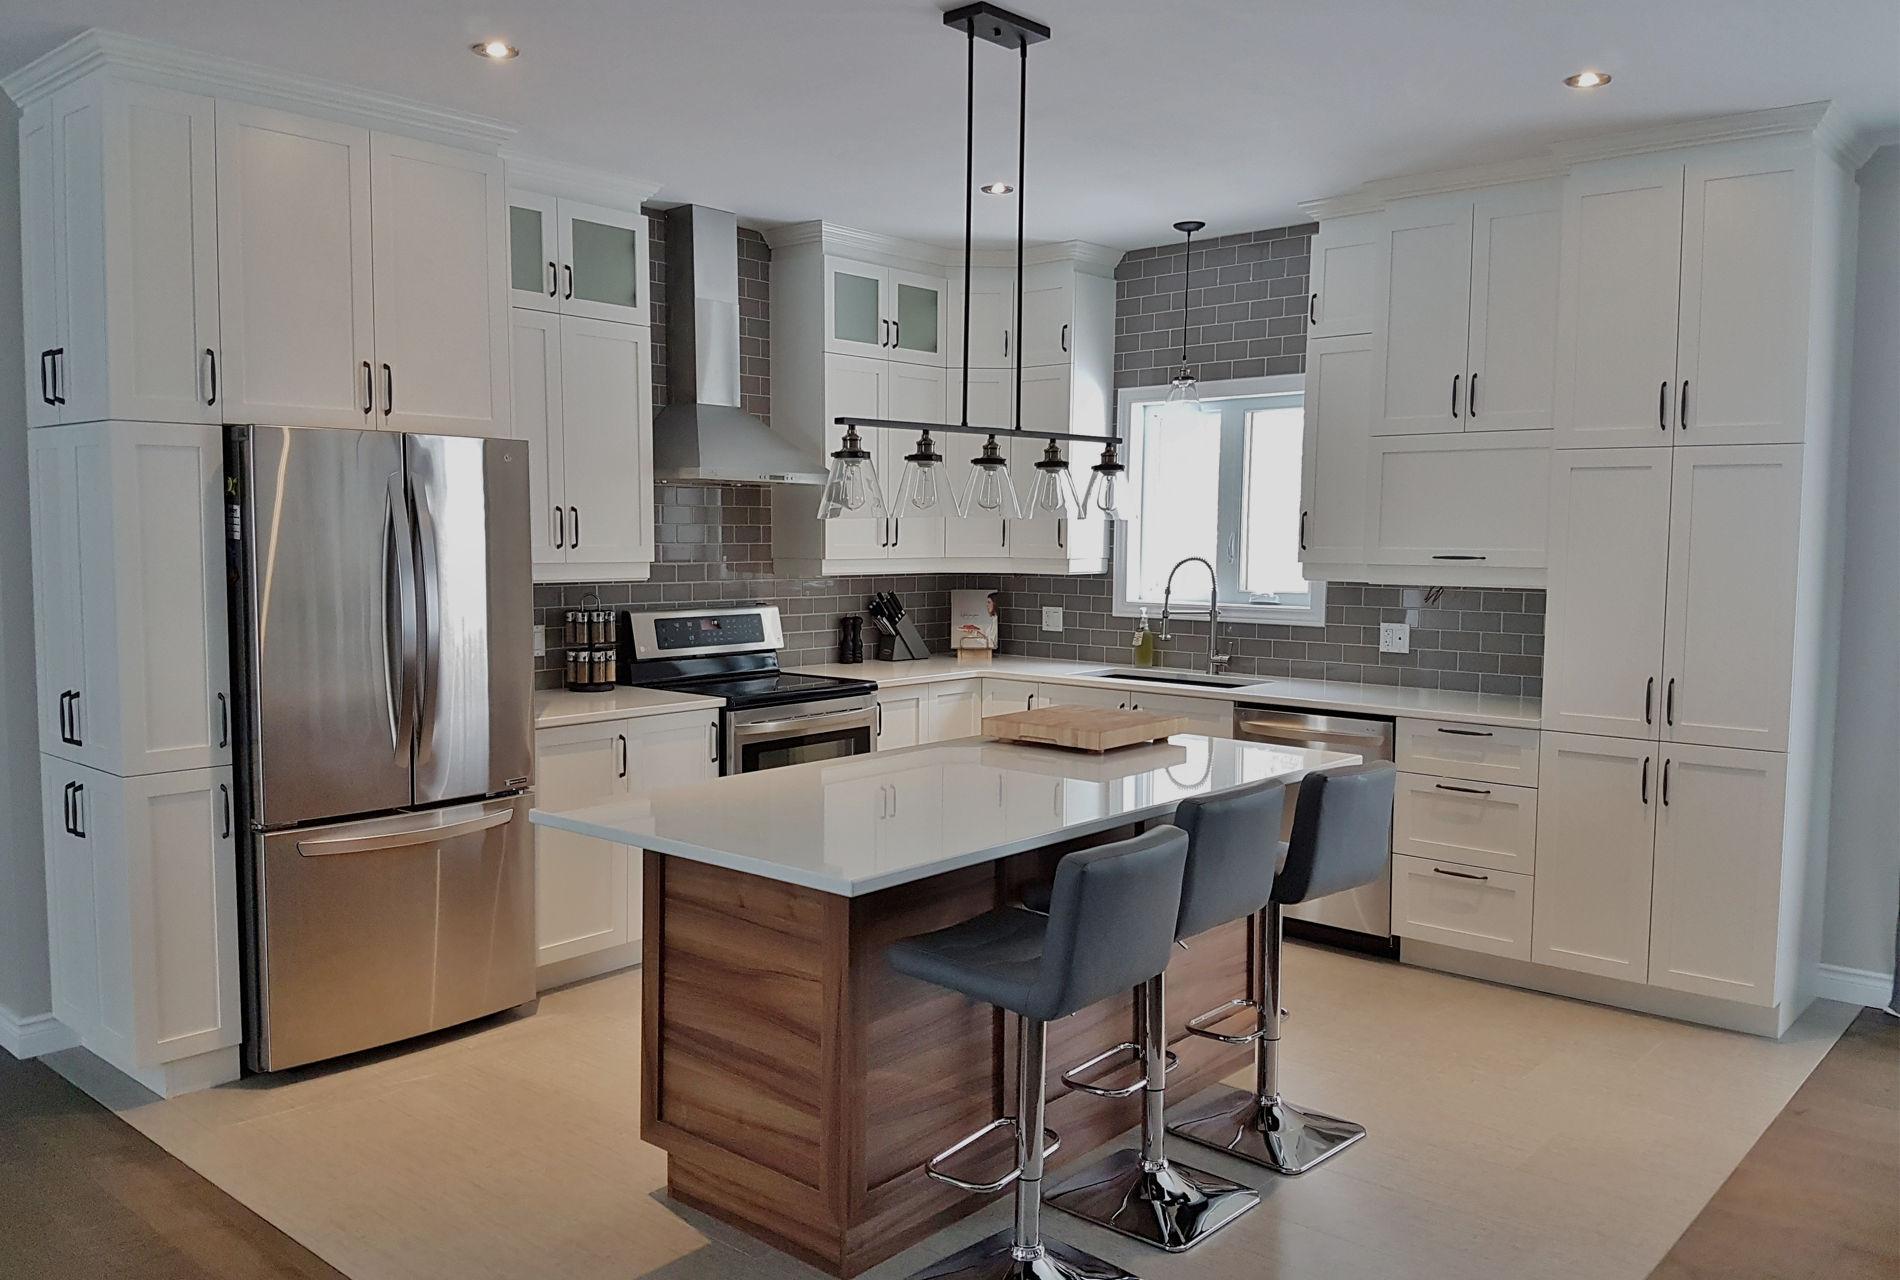 Cuisine Boudreau, armoire de cuisine et vanité de salle de bain